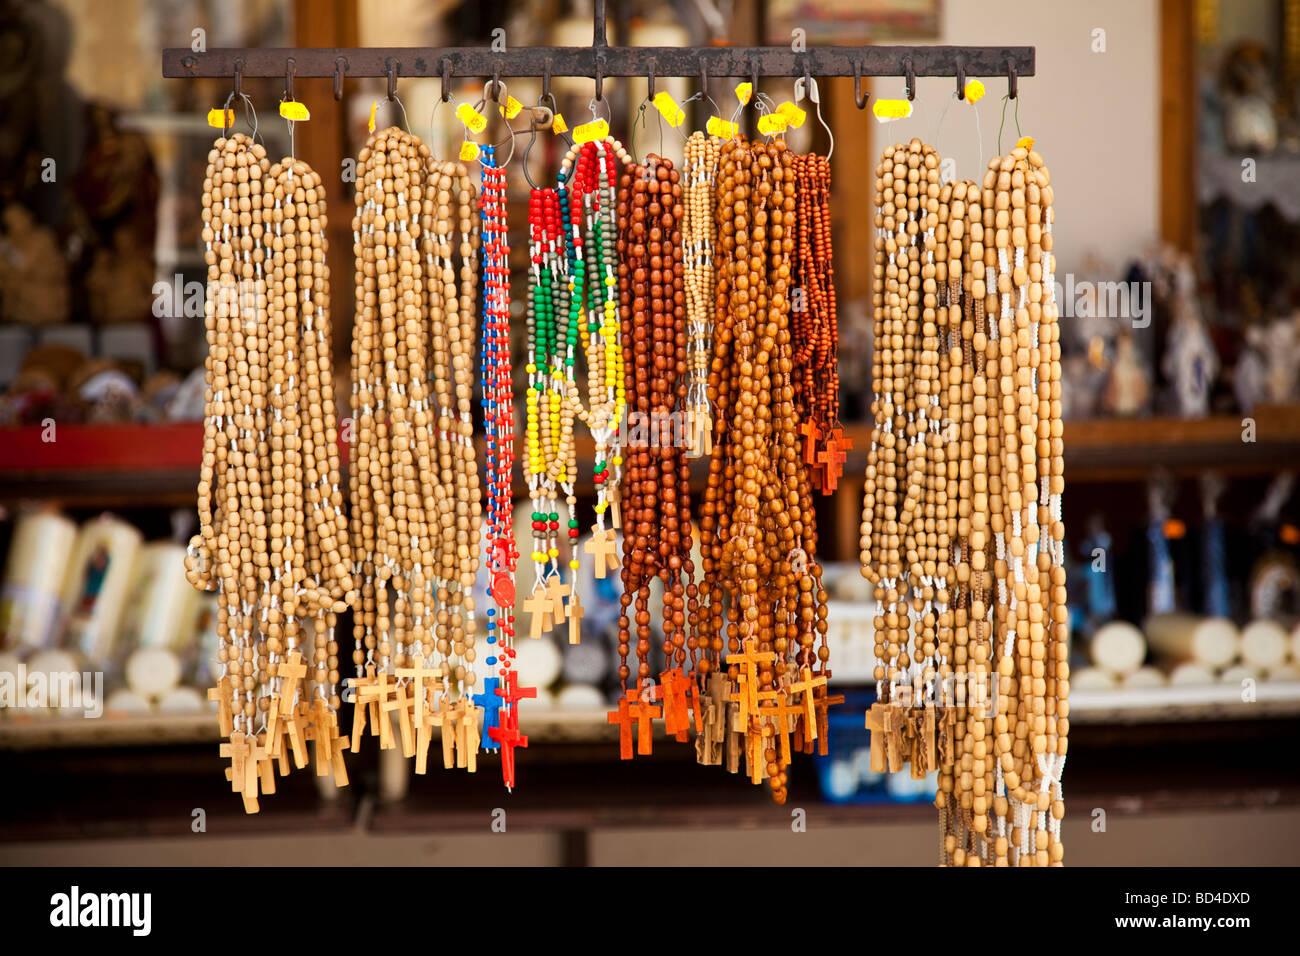 Rosario en una tienda de regalos en Altötting Baviera Alemania Europa Imagen De Stock